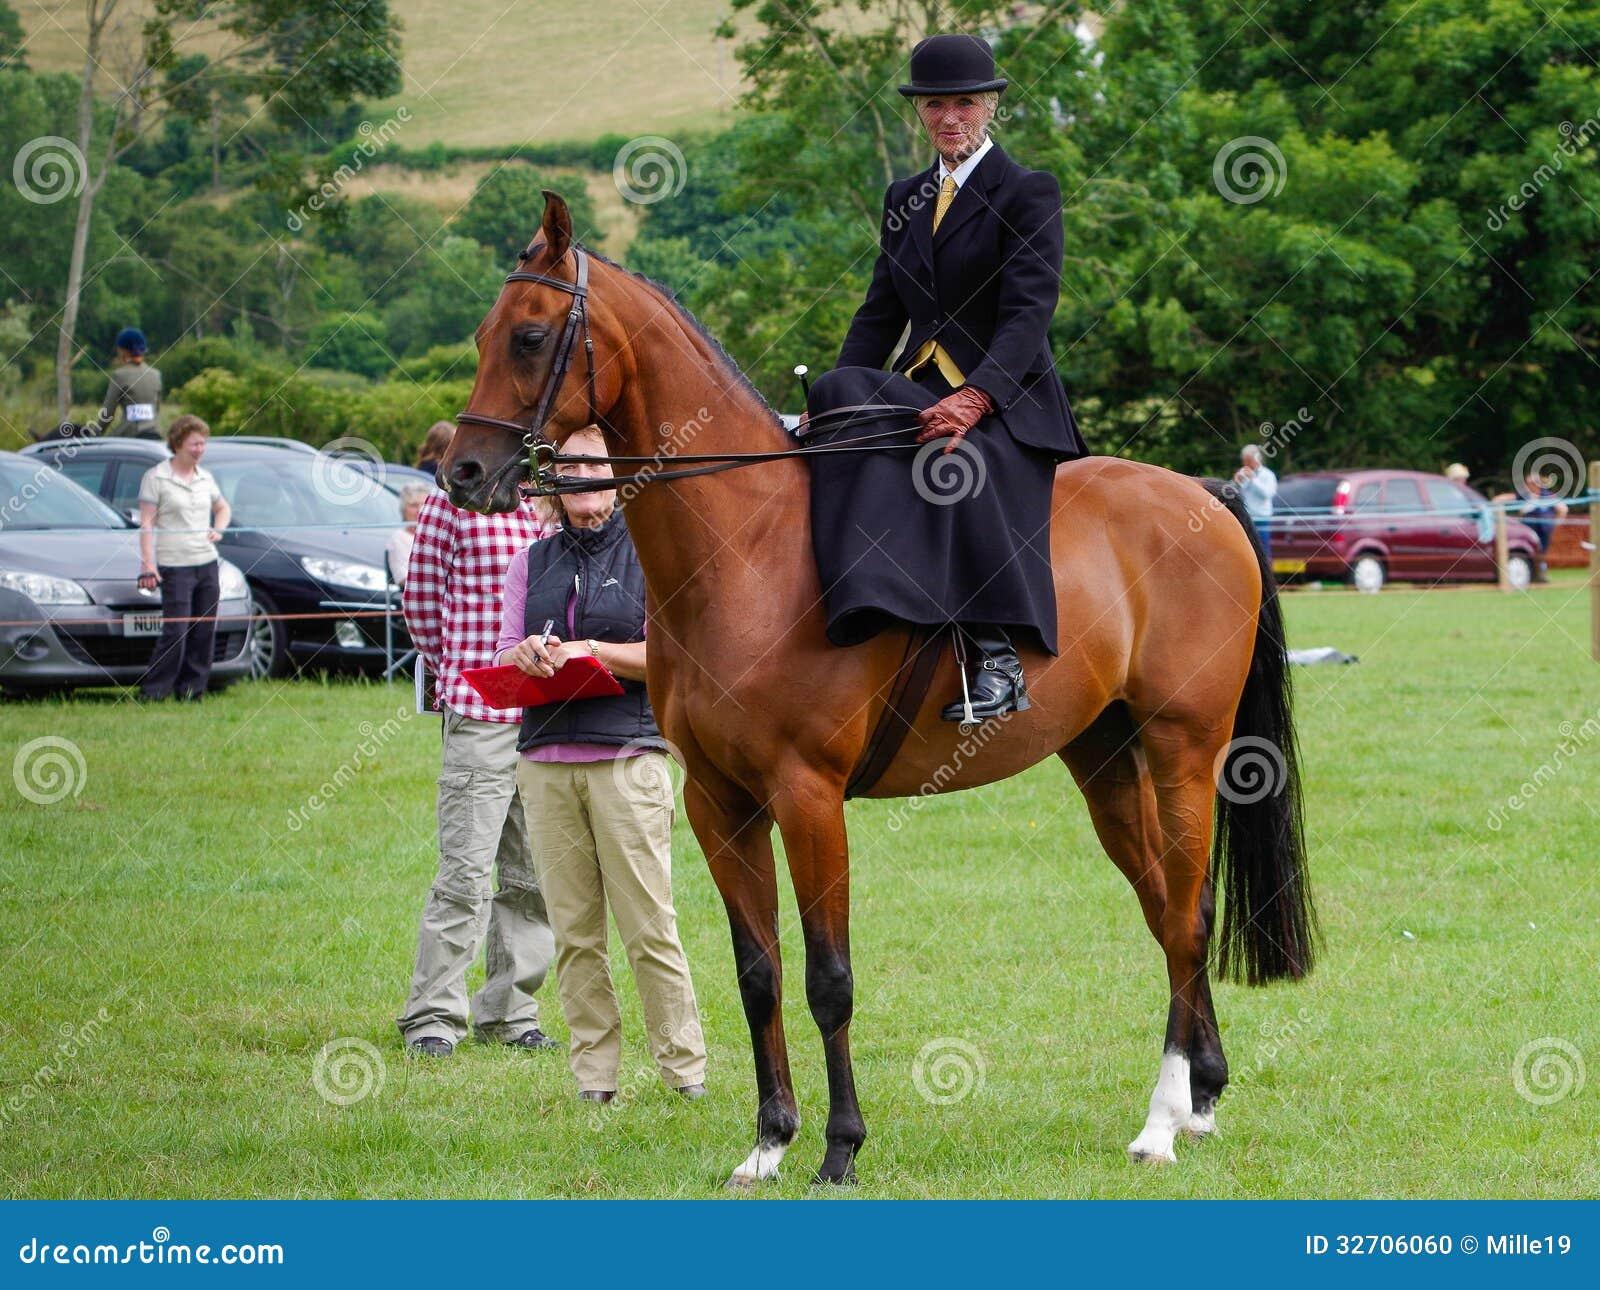 Silla de montar del lado del montar a caballo de la se ora imagen editorial imagen 32706060 - Silla montar caballo ...